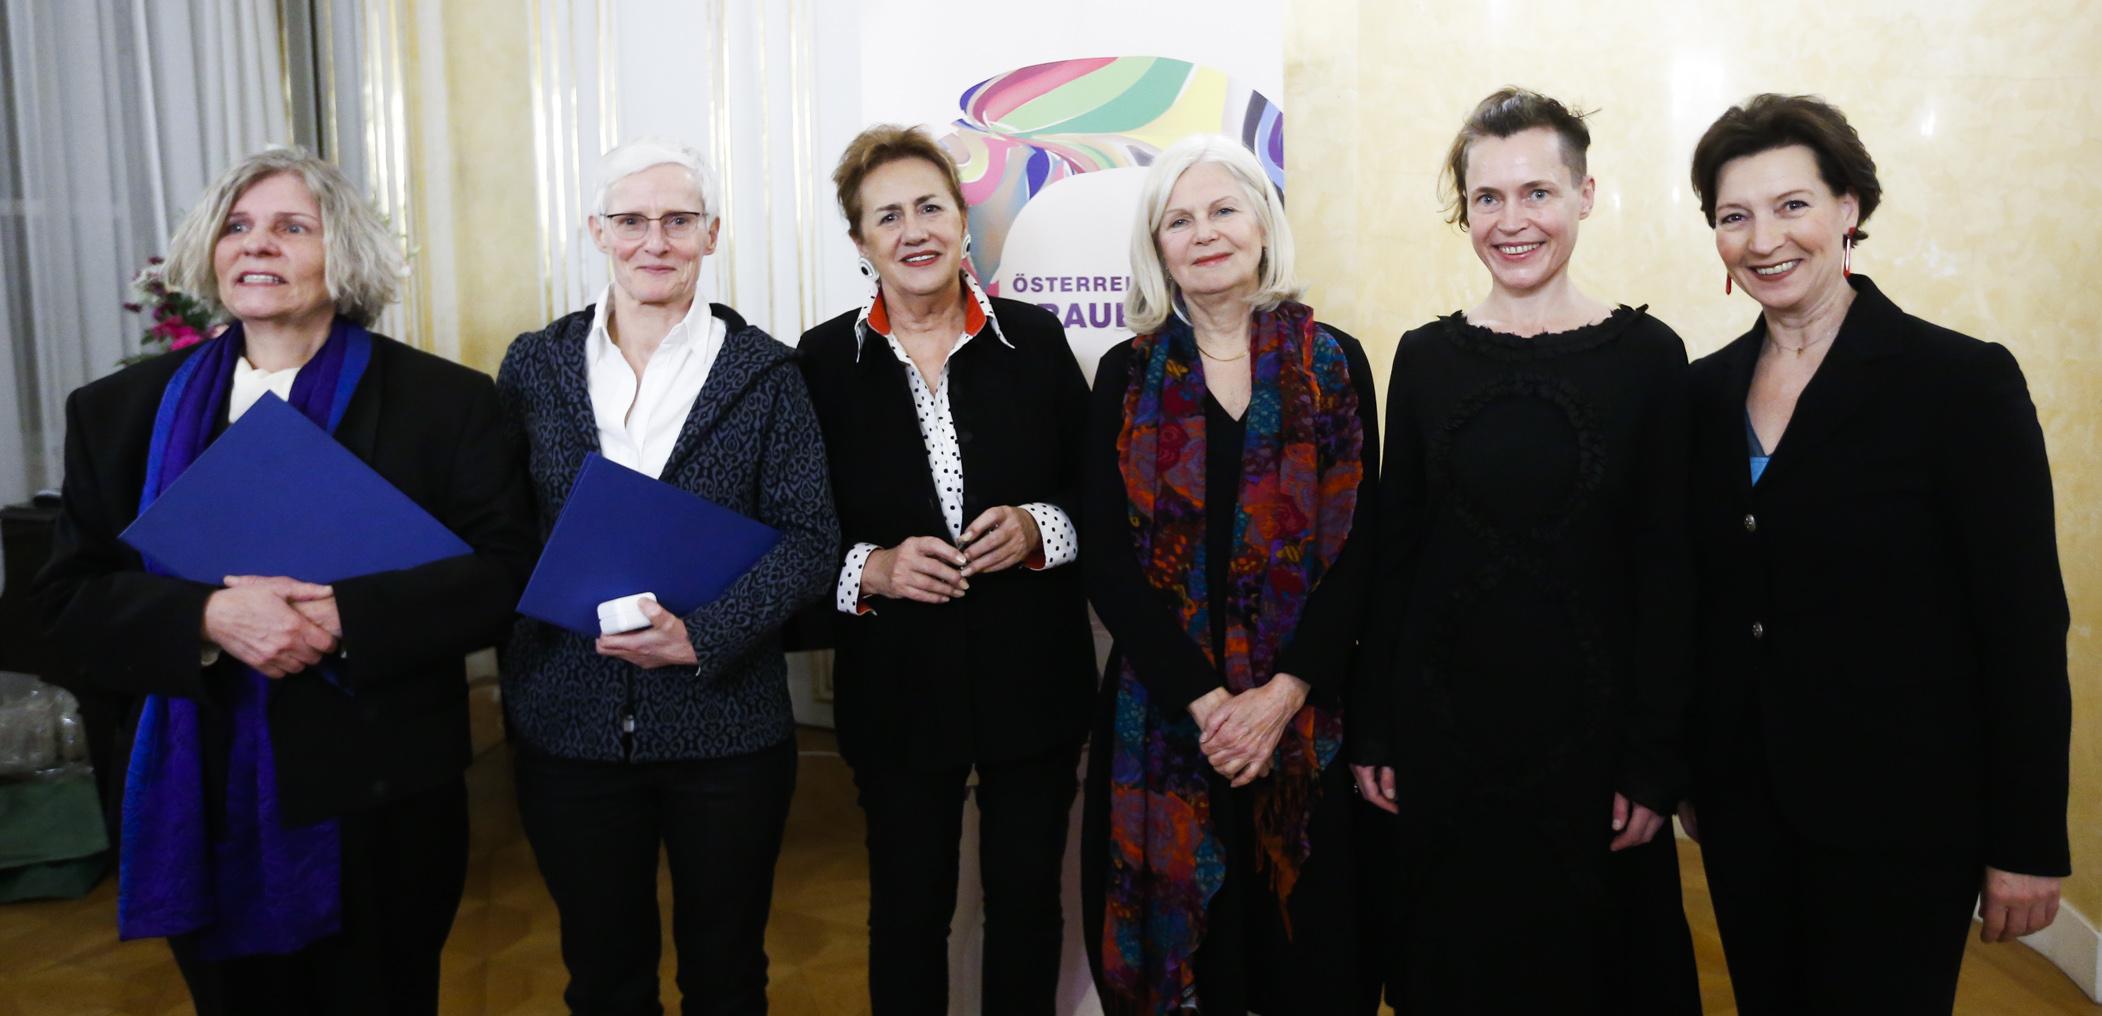 Die Frauenring-Preisträgerinnen 2015 mit Gabriele Heinisch-Hosek und Christa Pölzlbauer (c) Georg Stefanik / BKA